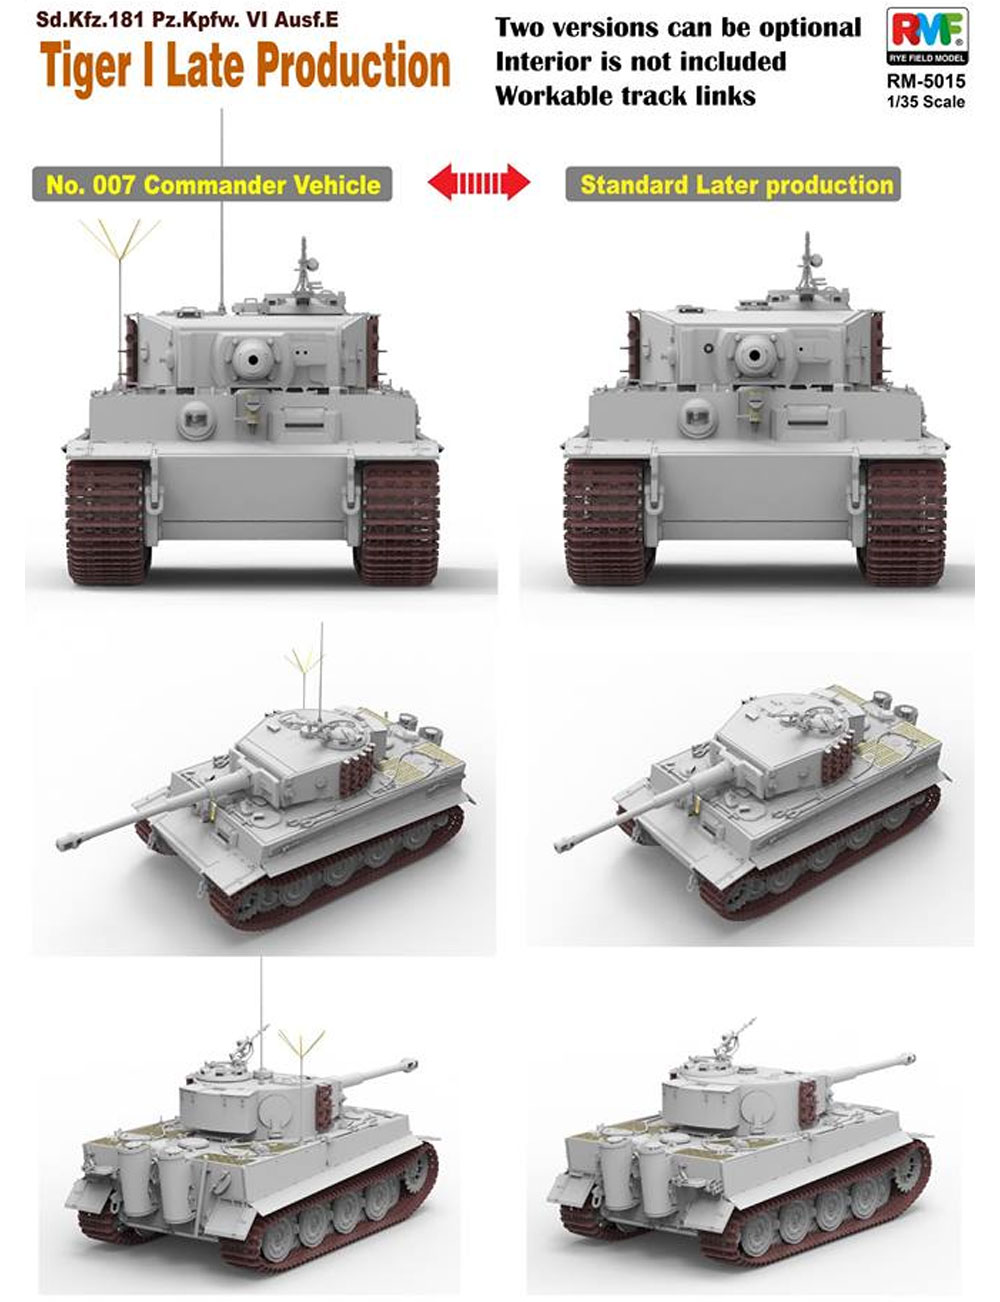 ドイツ 重戦車 Sd.Kfz.181 タイガー 1 後期型プラモデル(ライ フィールド モデル1/35 Military Miniature SeriesNo.RM-5015)商品画像_2